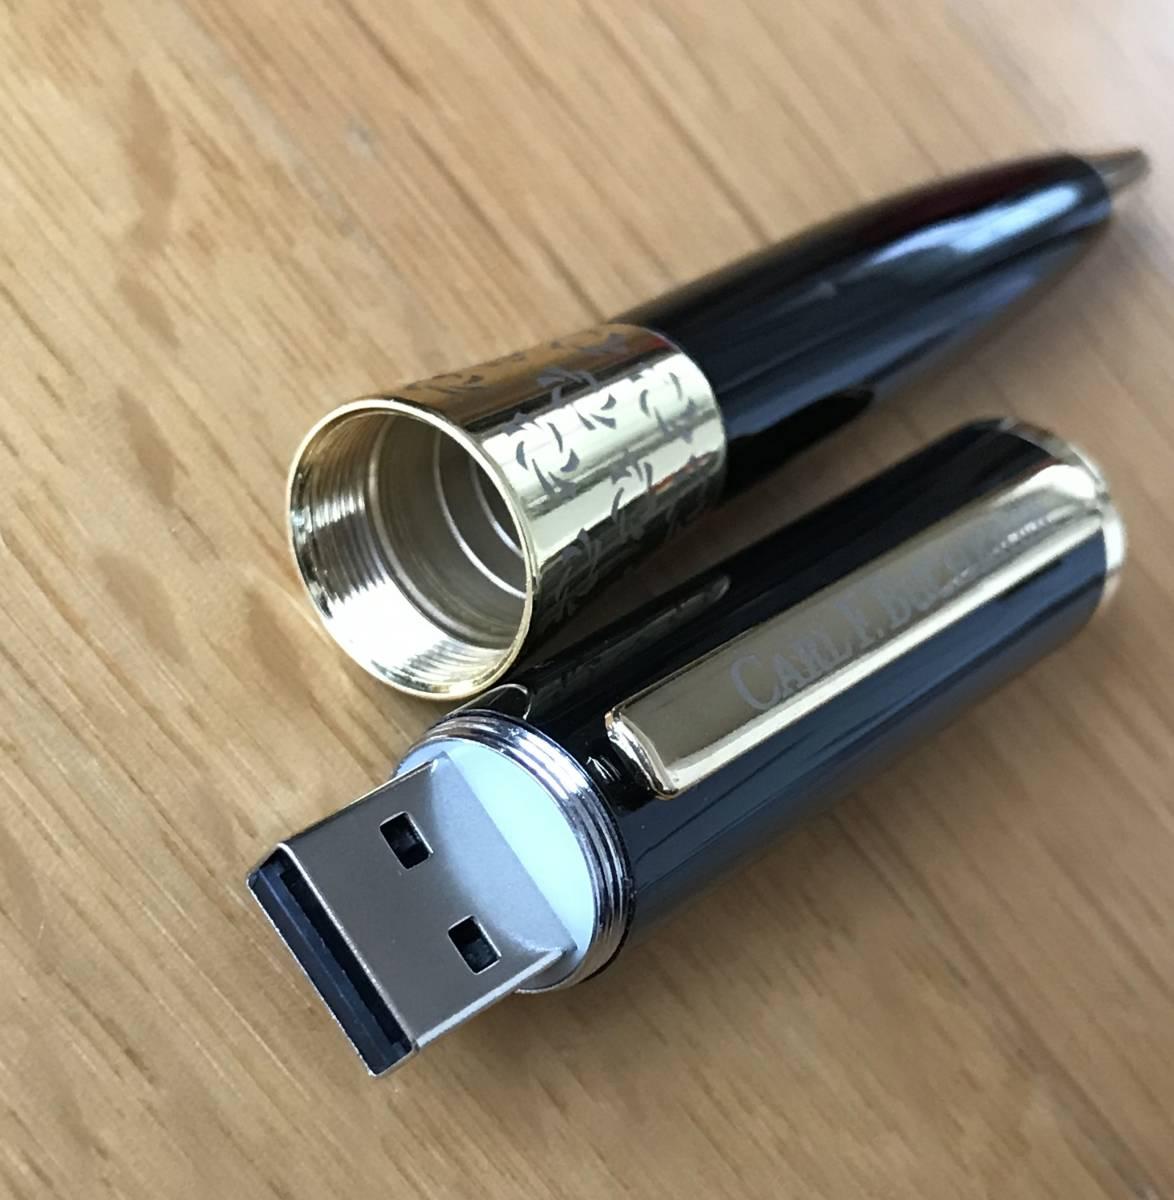 машина ... F. ...   товара нет в свободной продаже ... звонок ...  мяч  ручка   модель   USB память  4GB  неиспользованный товар